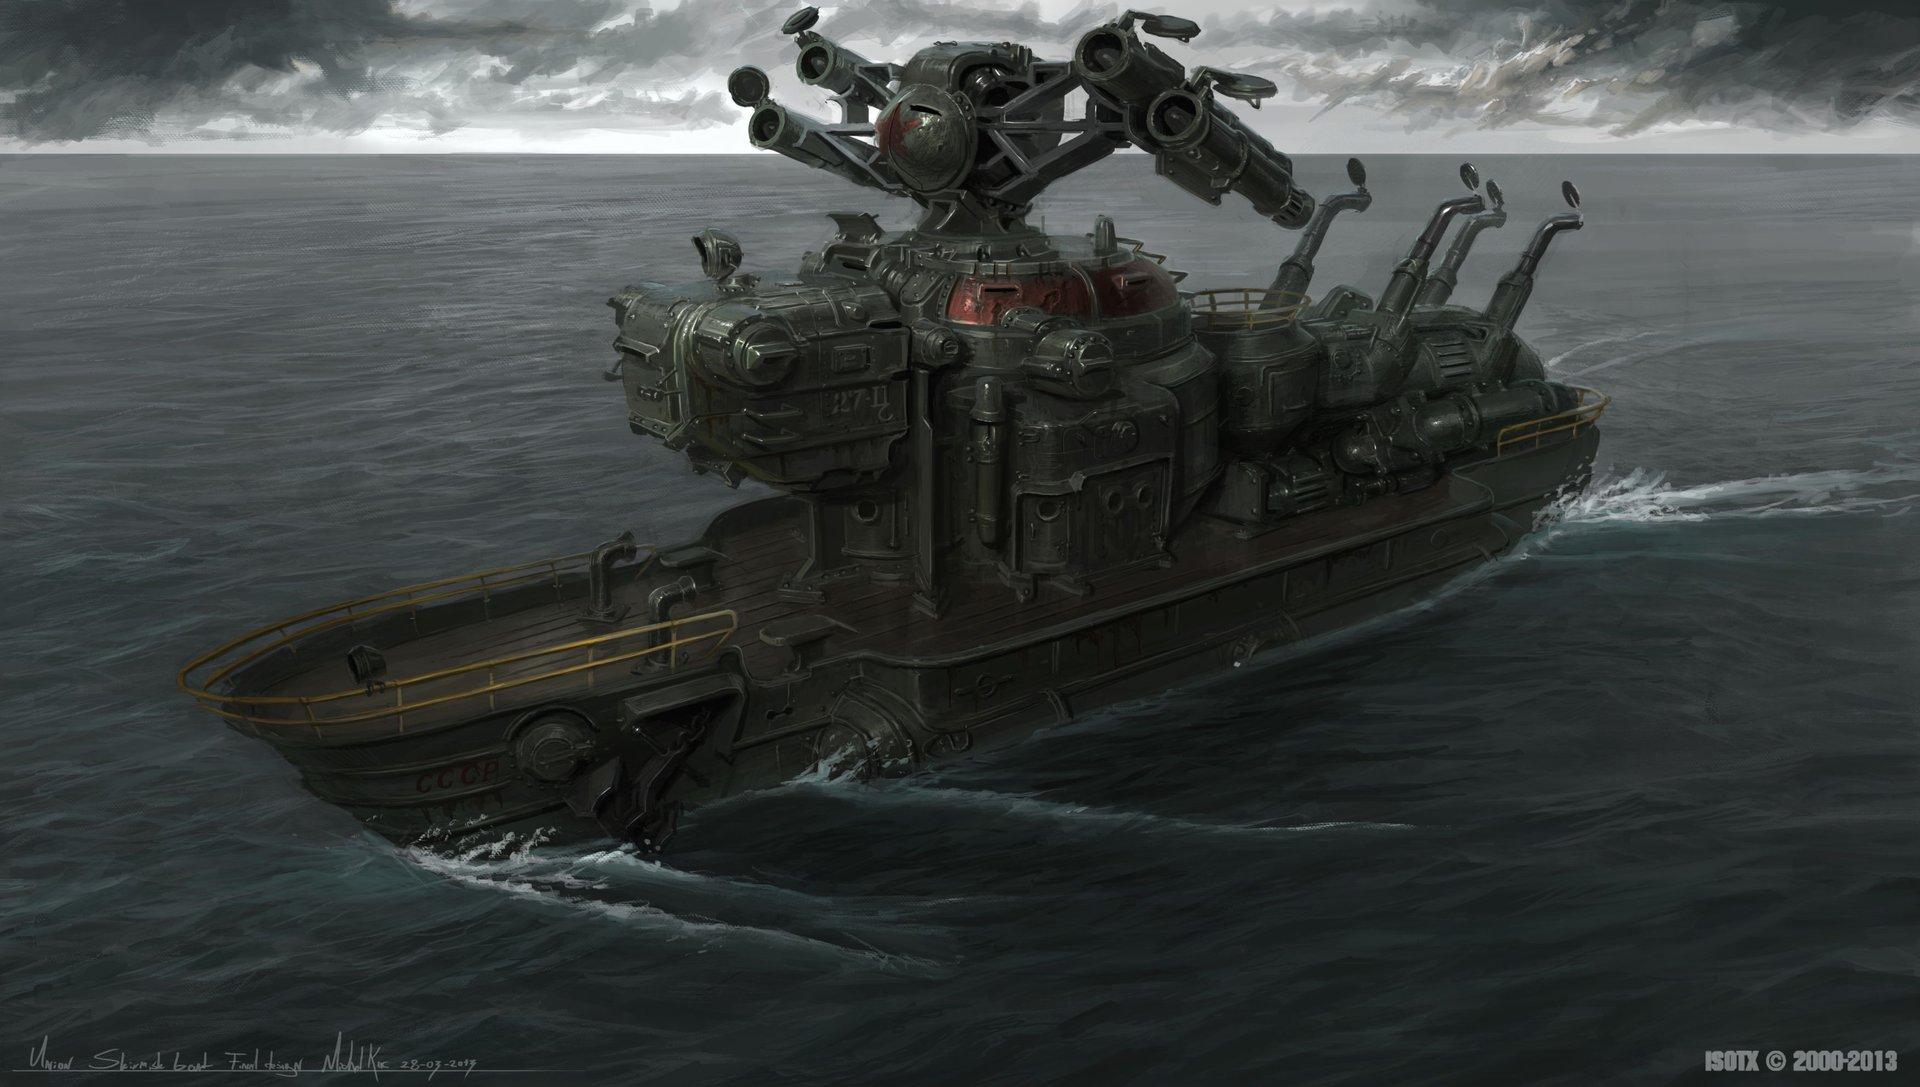 https://cdna.artstation.com/p/assets/images/images/000/238/806/large/michal-kus-soviet-marine-skirmish-boat-final2.jpg